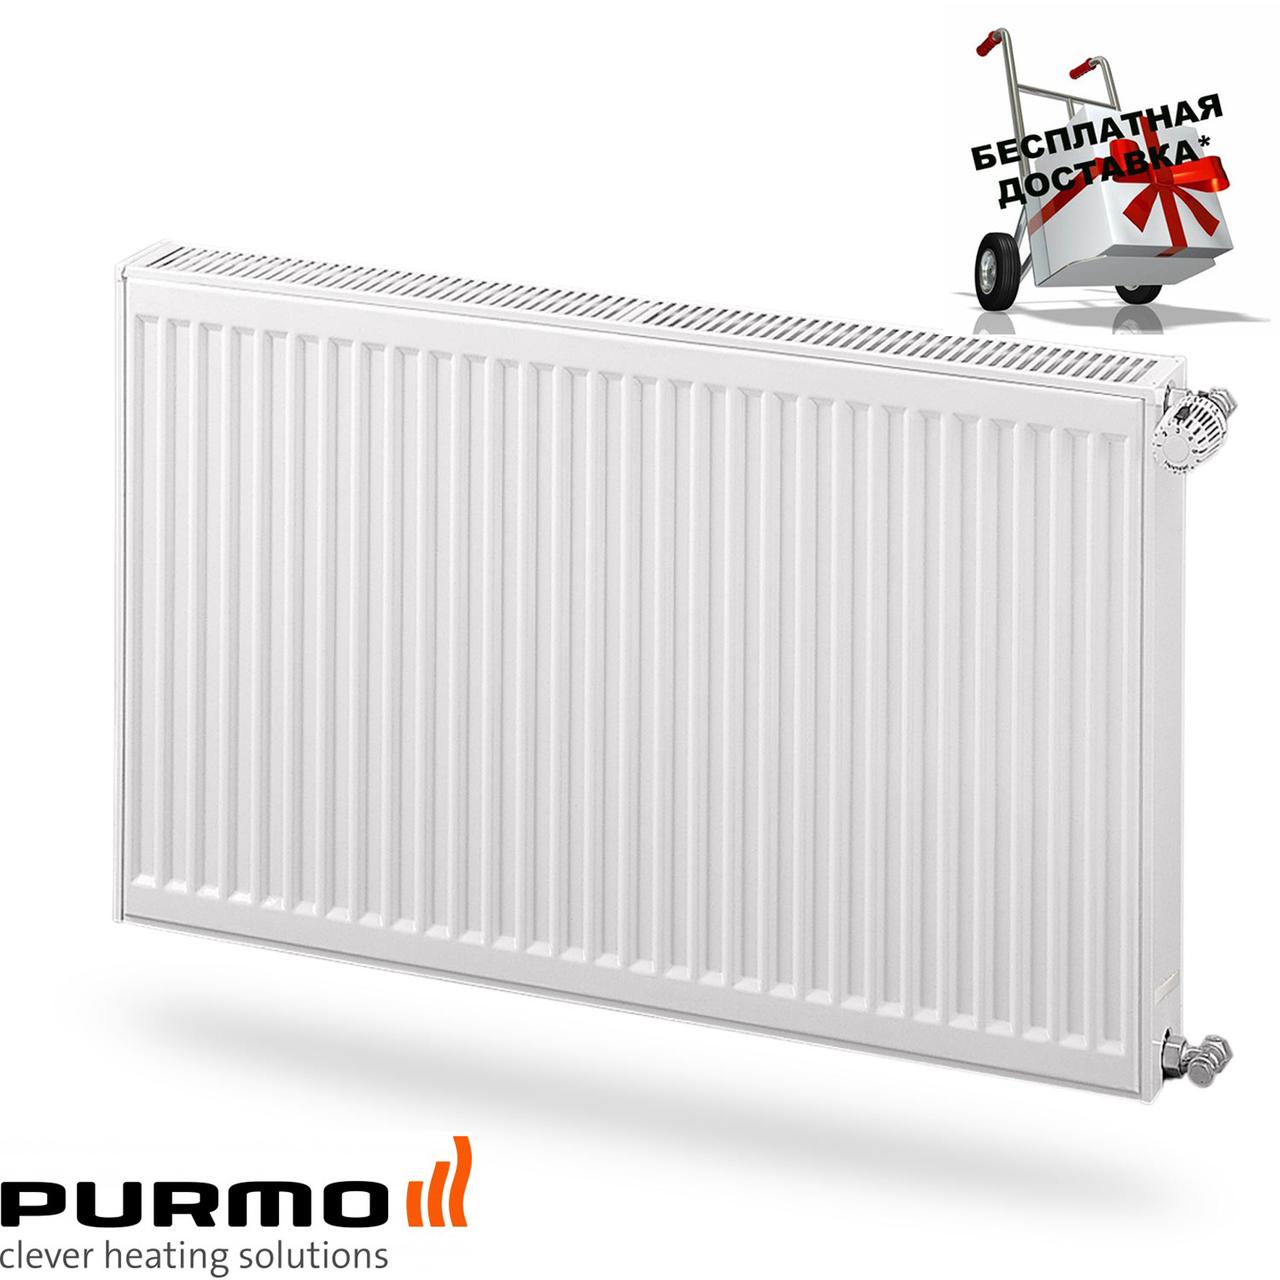 Стальной (панельный) радиатор PURMO Compact т22 500x800 боковое подключение